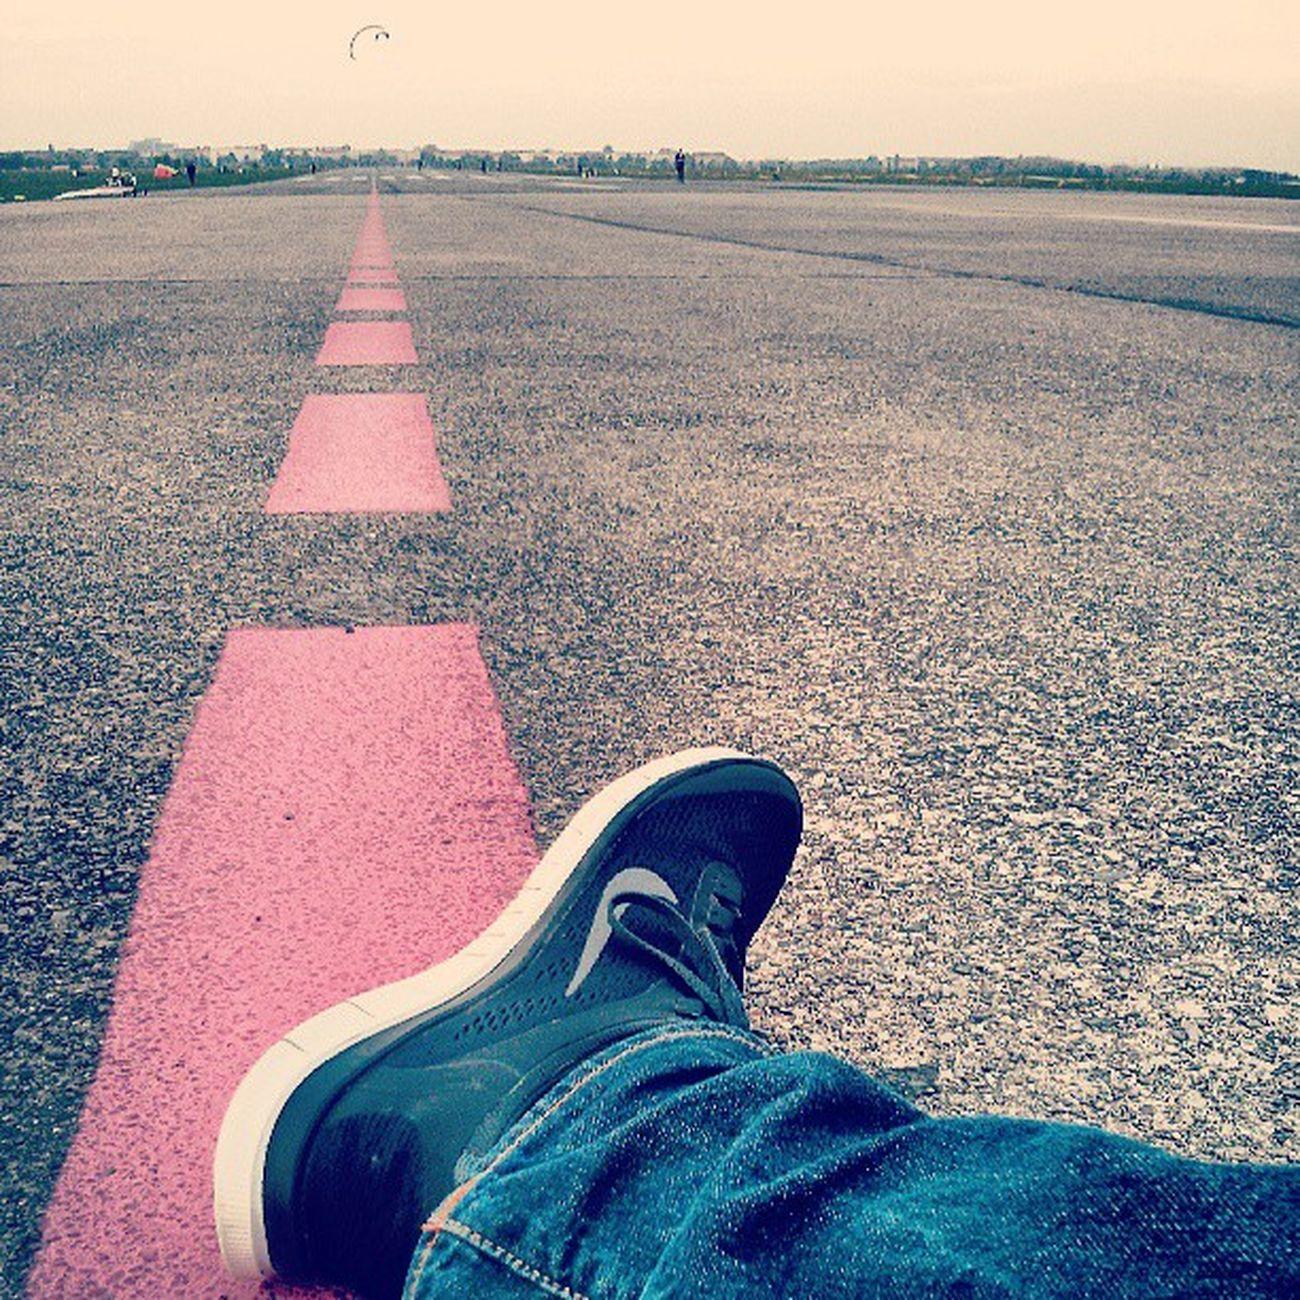 Berlin: Chillen auf der Landebahn Berlin Running Free Chillen Nike Tempelhof Schuhe  Flughafen Rp13 Nikefree Rpstory13 Landebahn Startbahn Sportschuh